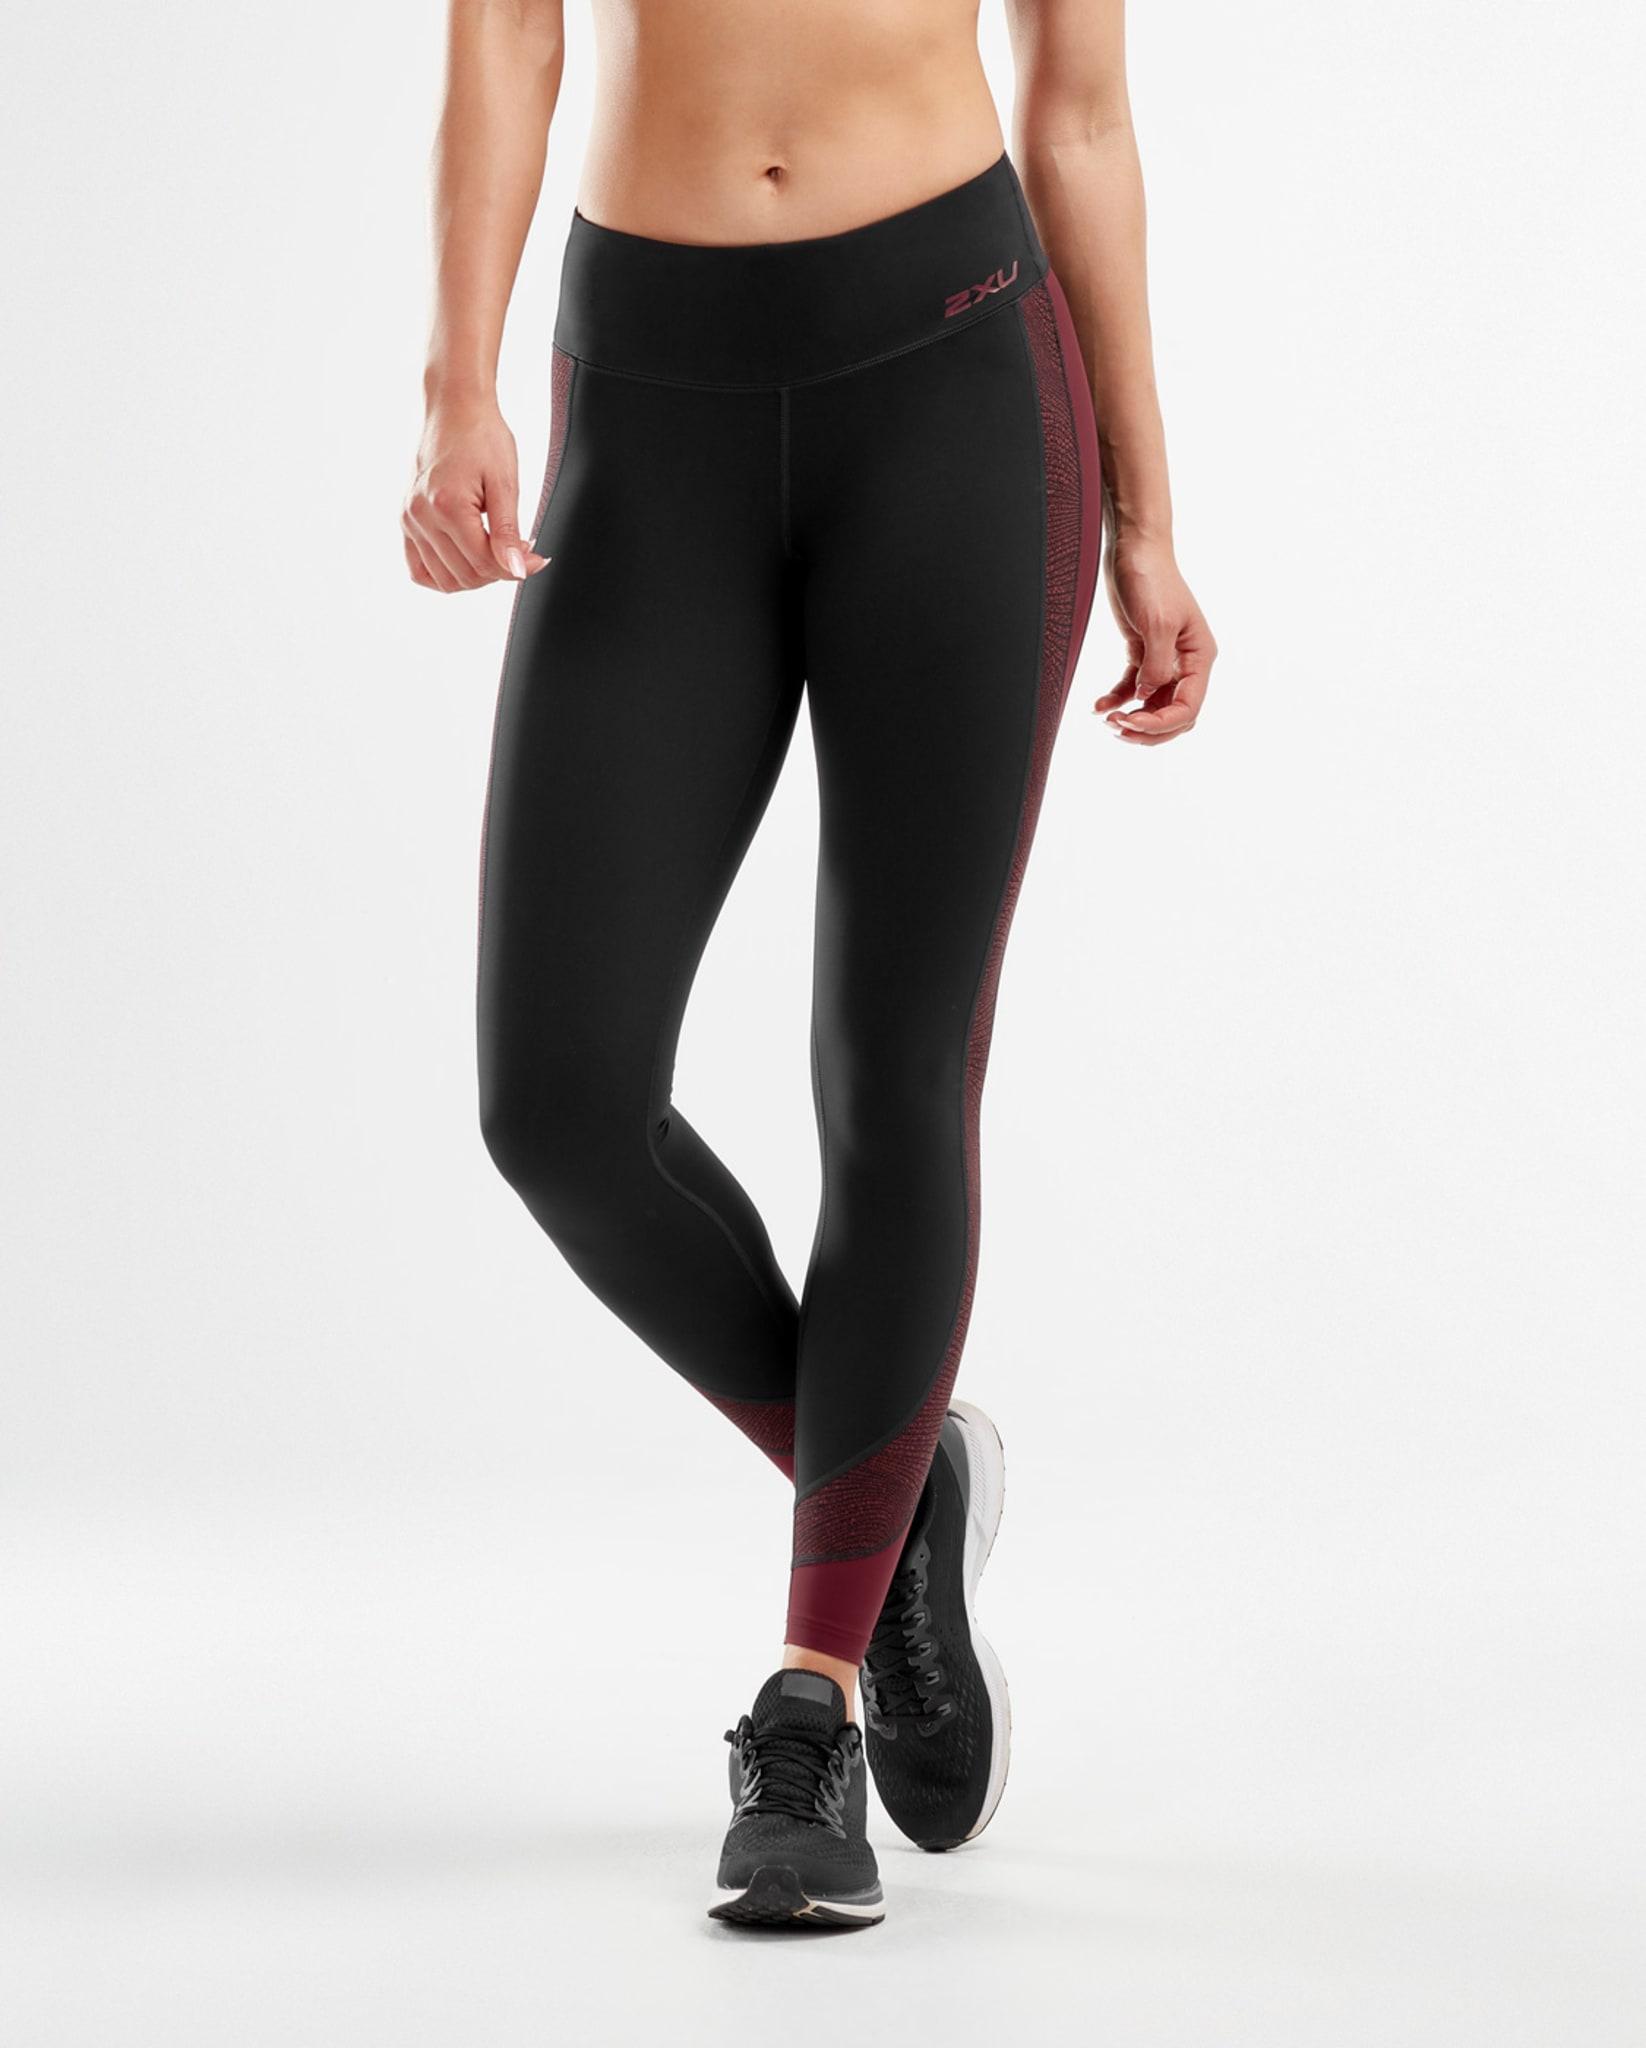 Fitness MidRiseLineUpTight W